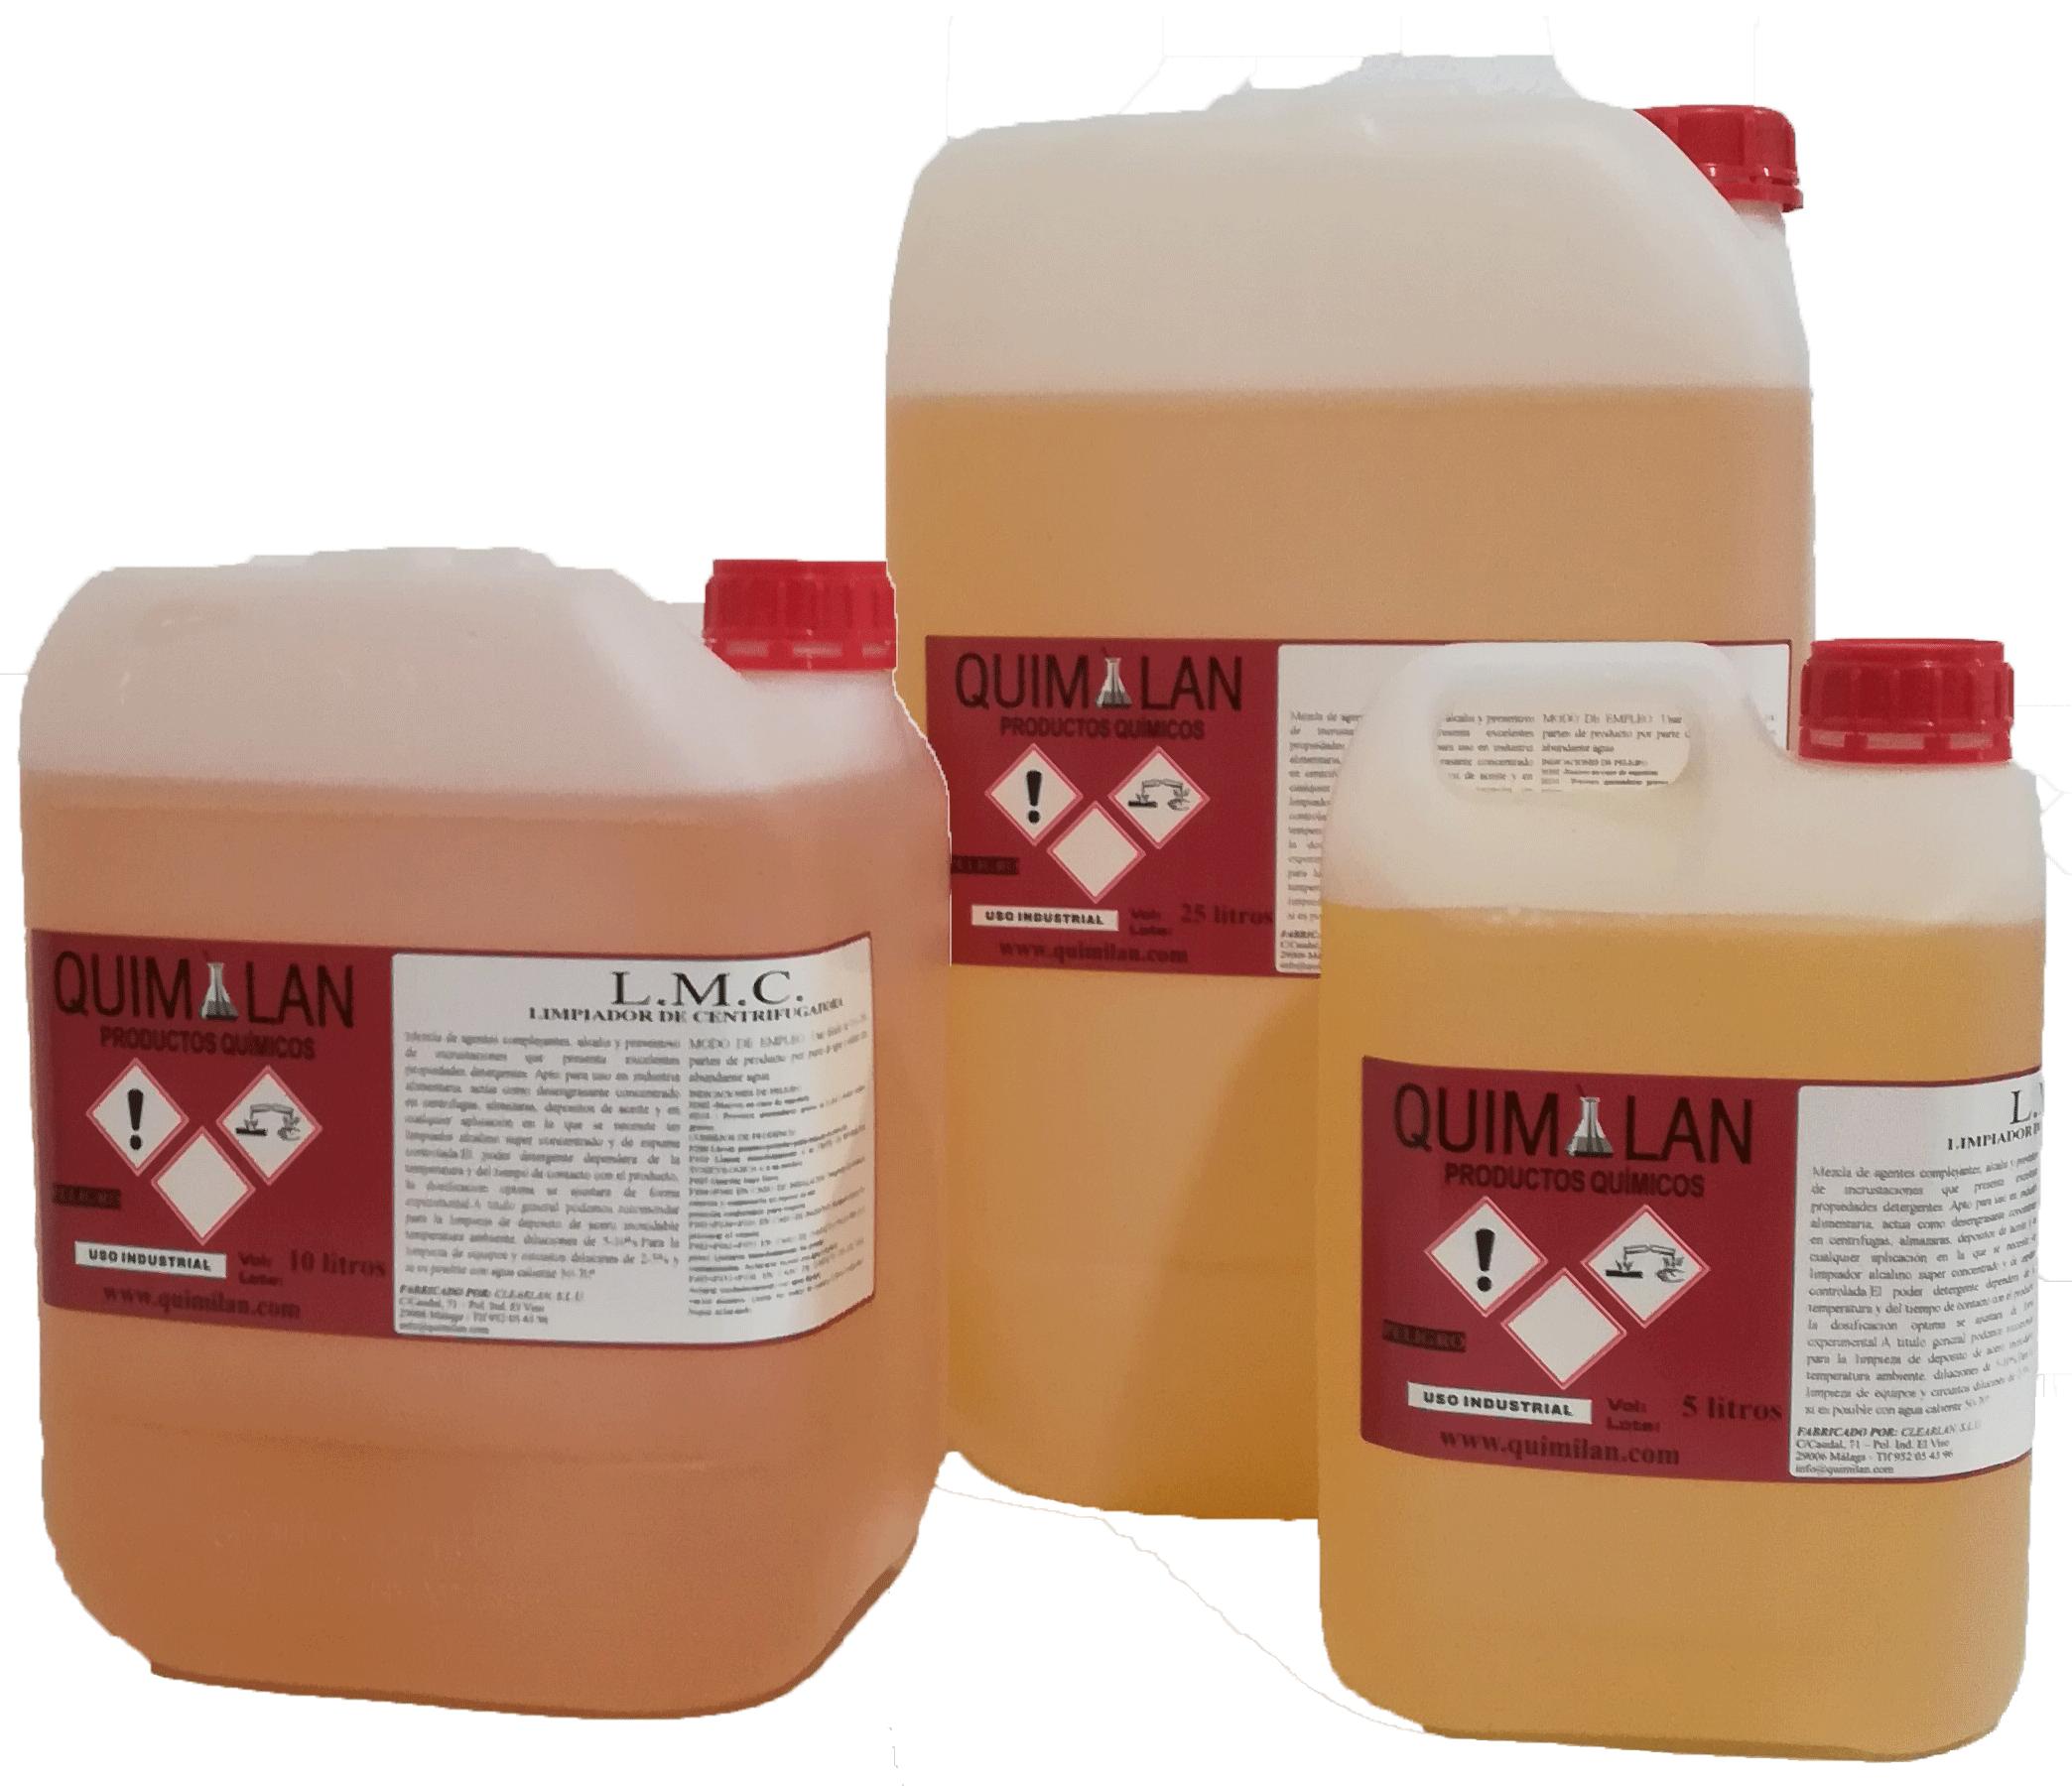 Productos Quimicos Limpieza LMC Quimilan en Malaga